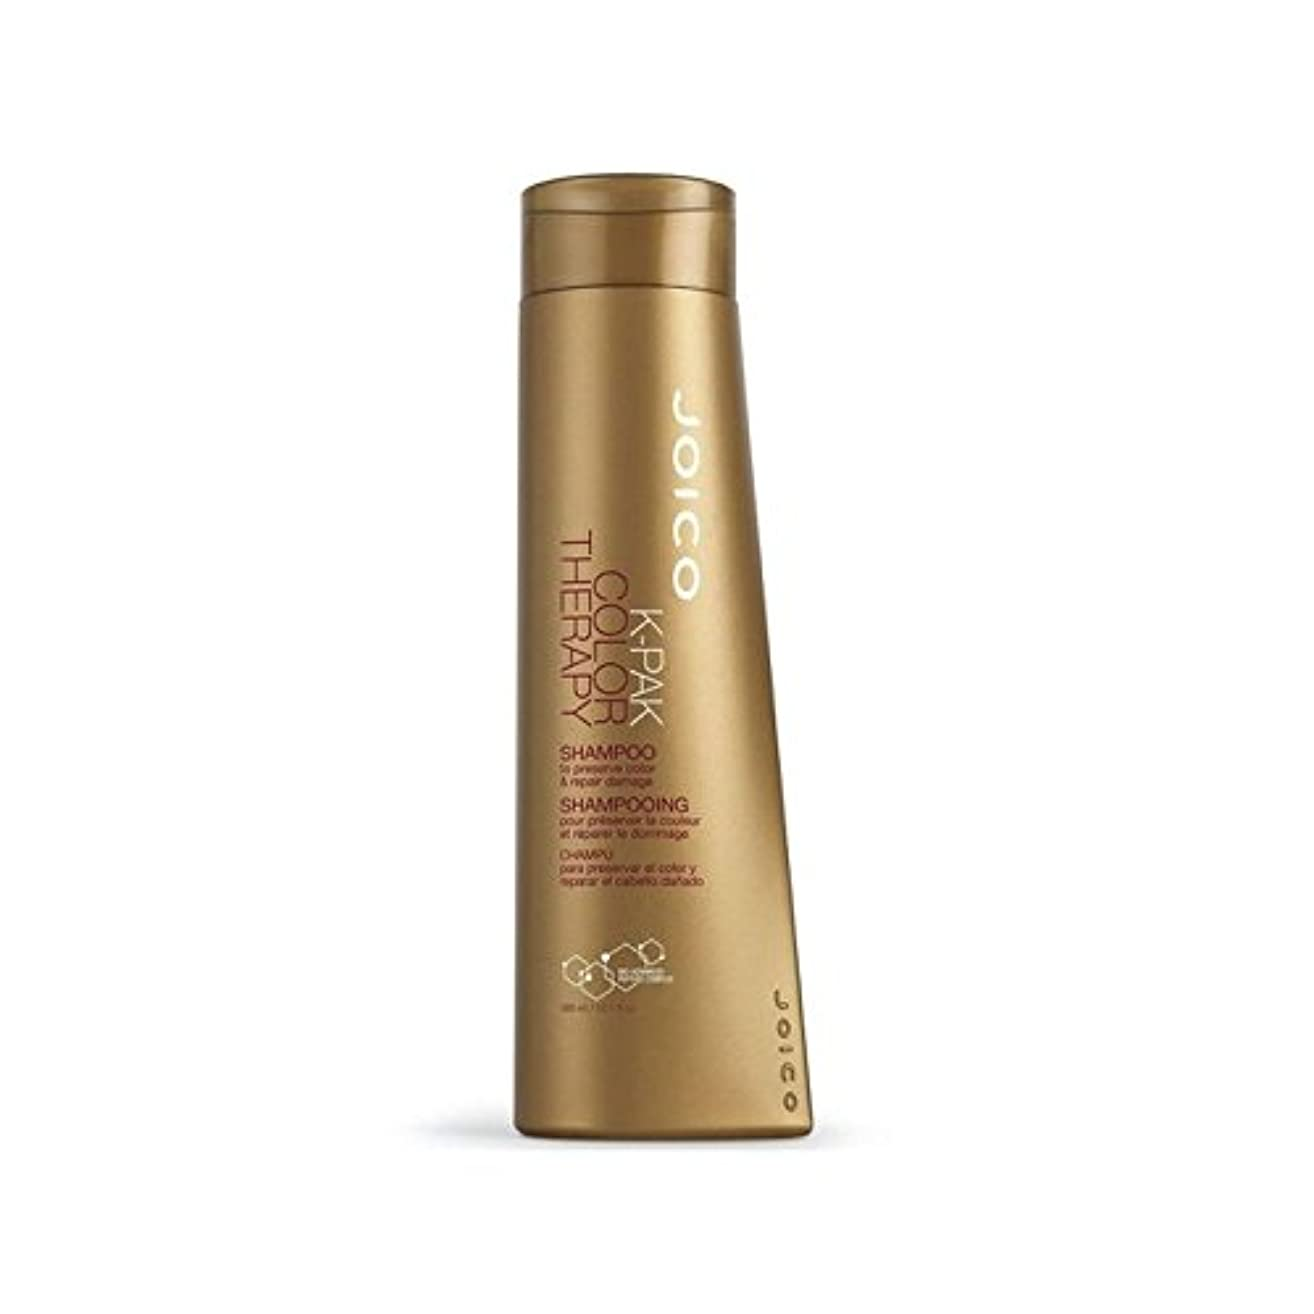 肘掛け椅子ブリリアント放つJoico K-Pak Color Therapy Shampoo 300ml - ジョイコ-カラーセラピーシャンプー300ミリリットル [並行輸入品]